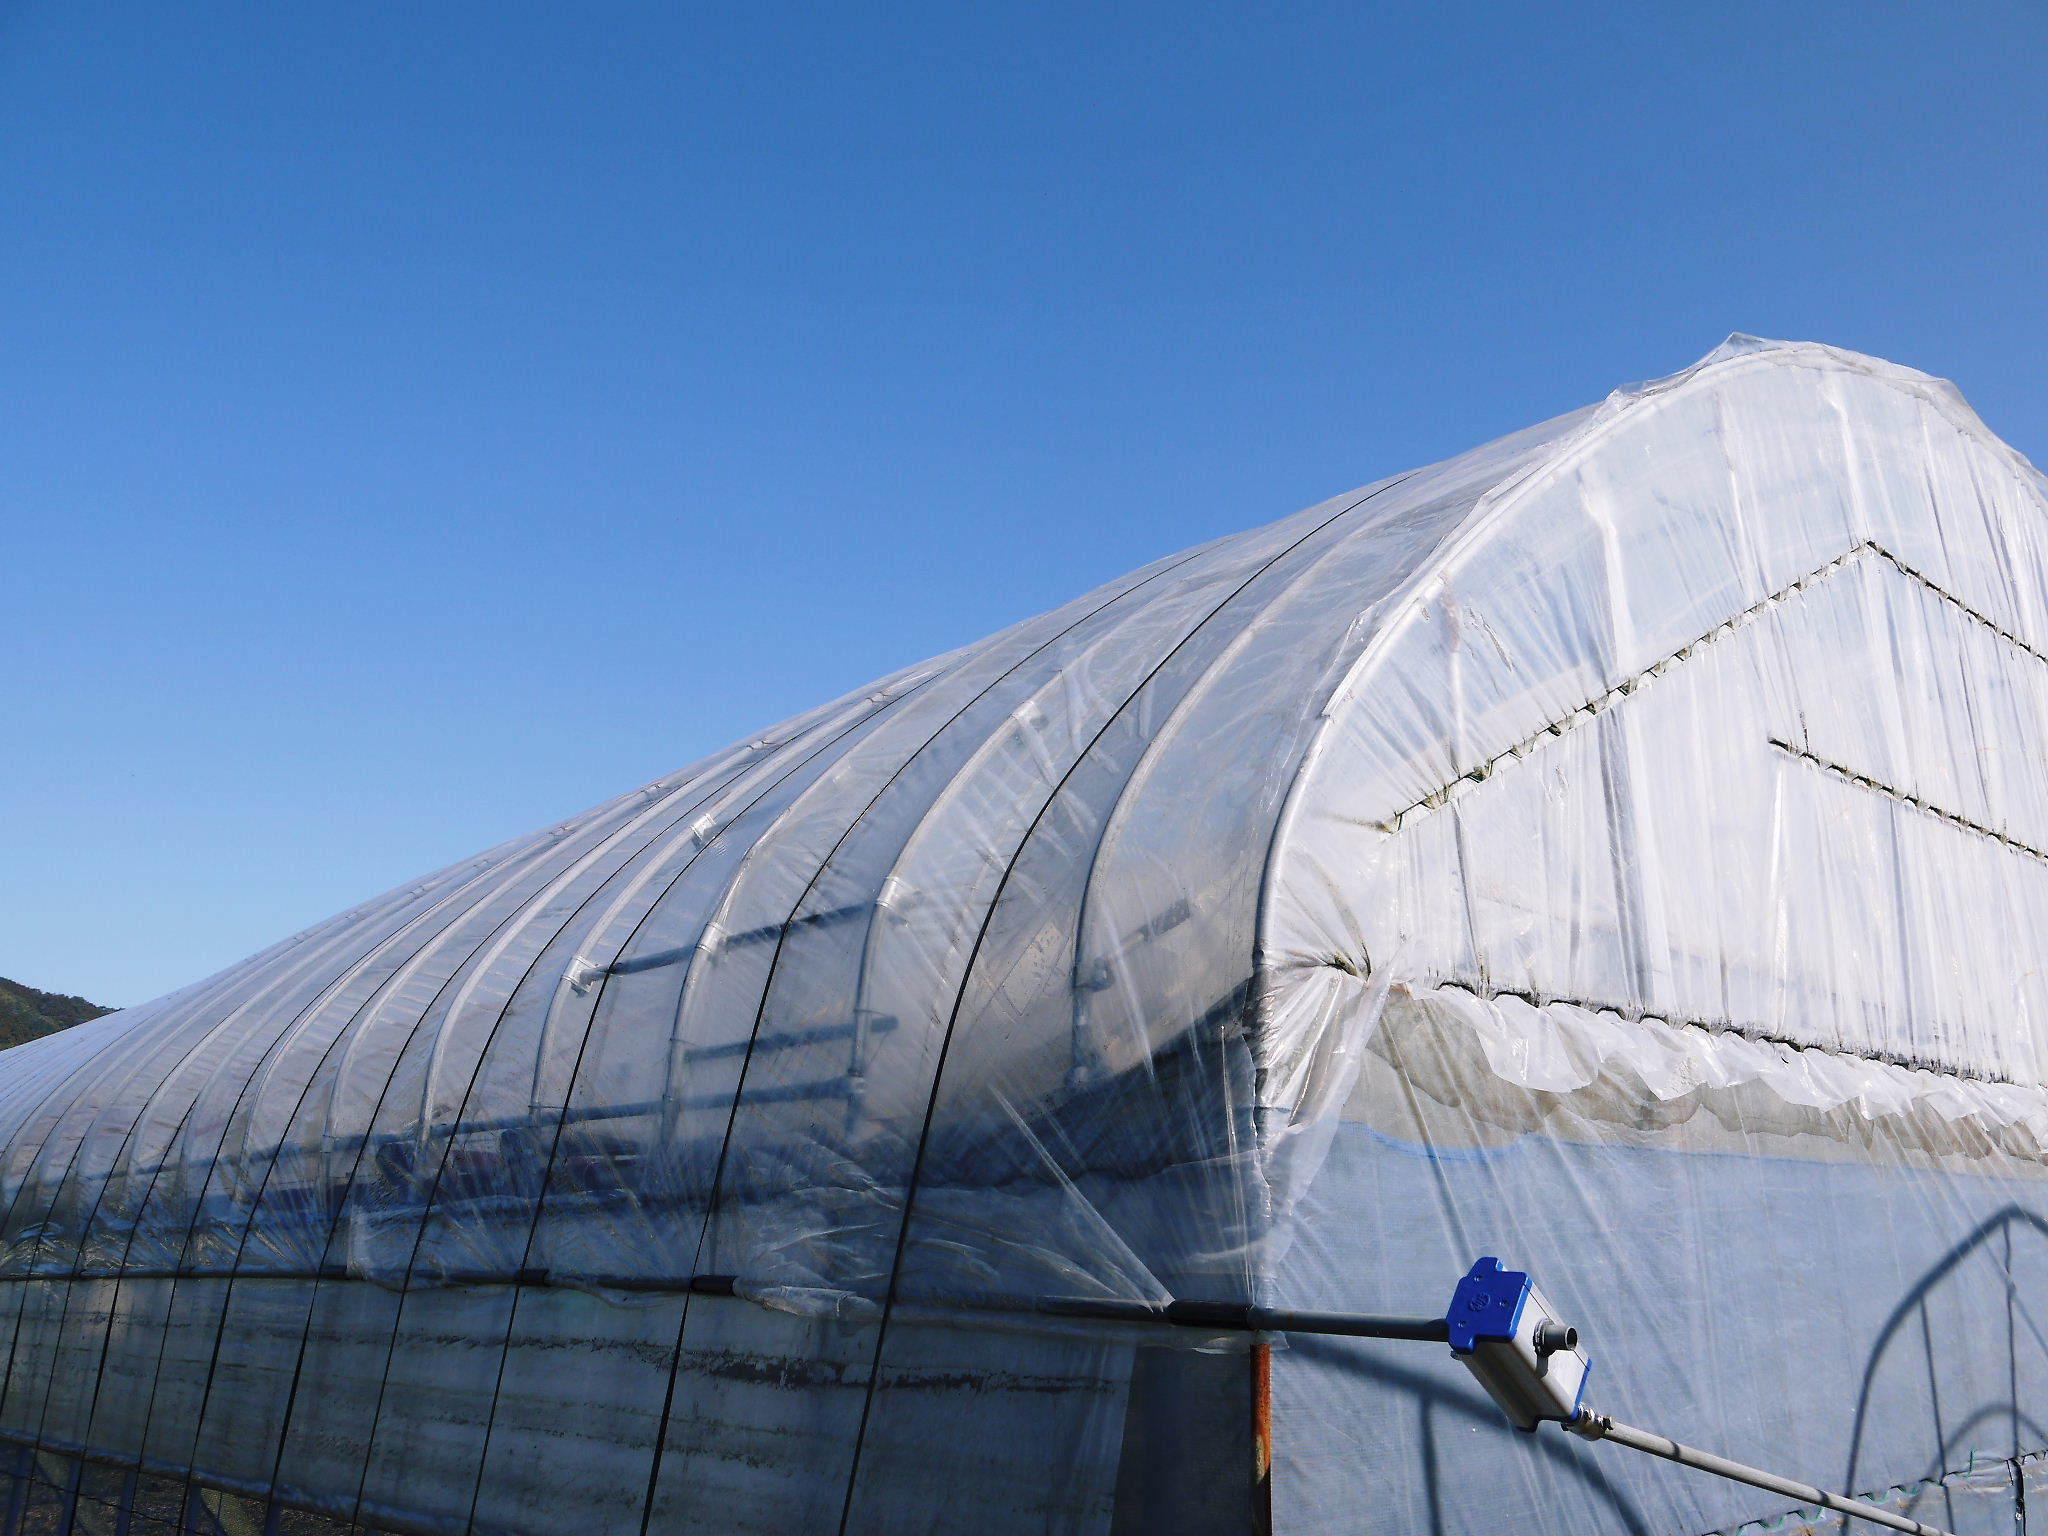 熊本ぶどう 社方園 ハウスの内張り作業を熊本農業高校からの農業実習と共に行っています(2020)後編_a0254656_17174365.jpg